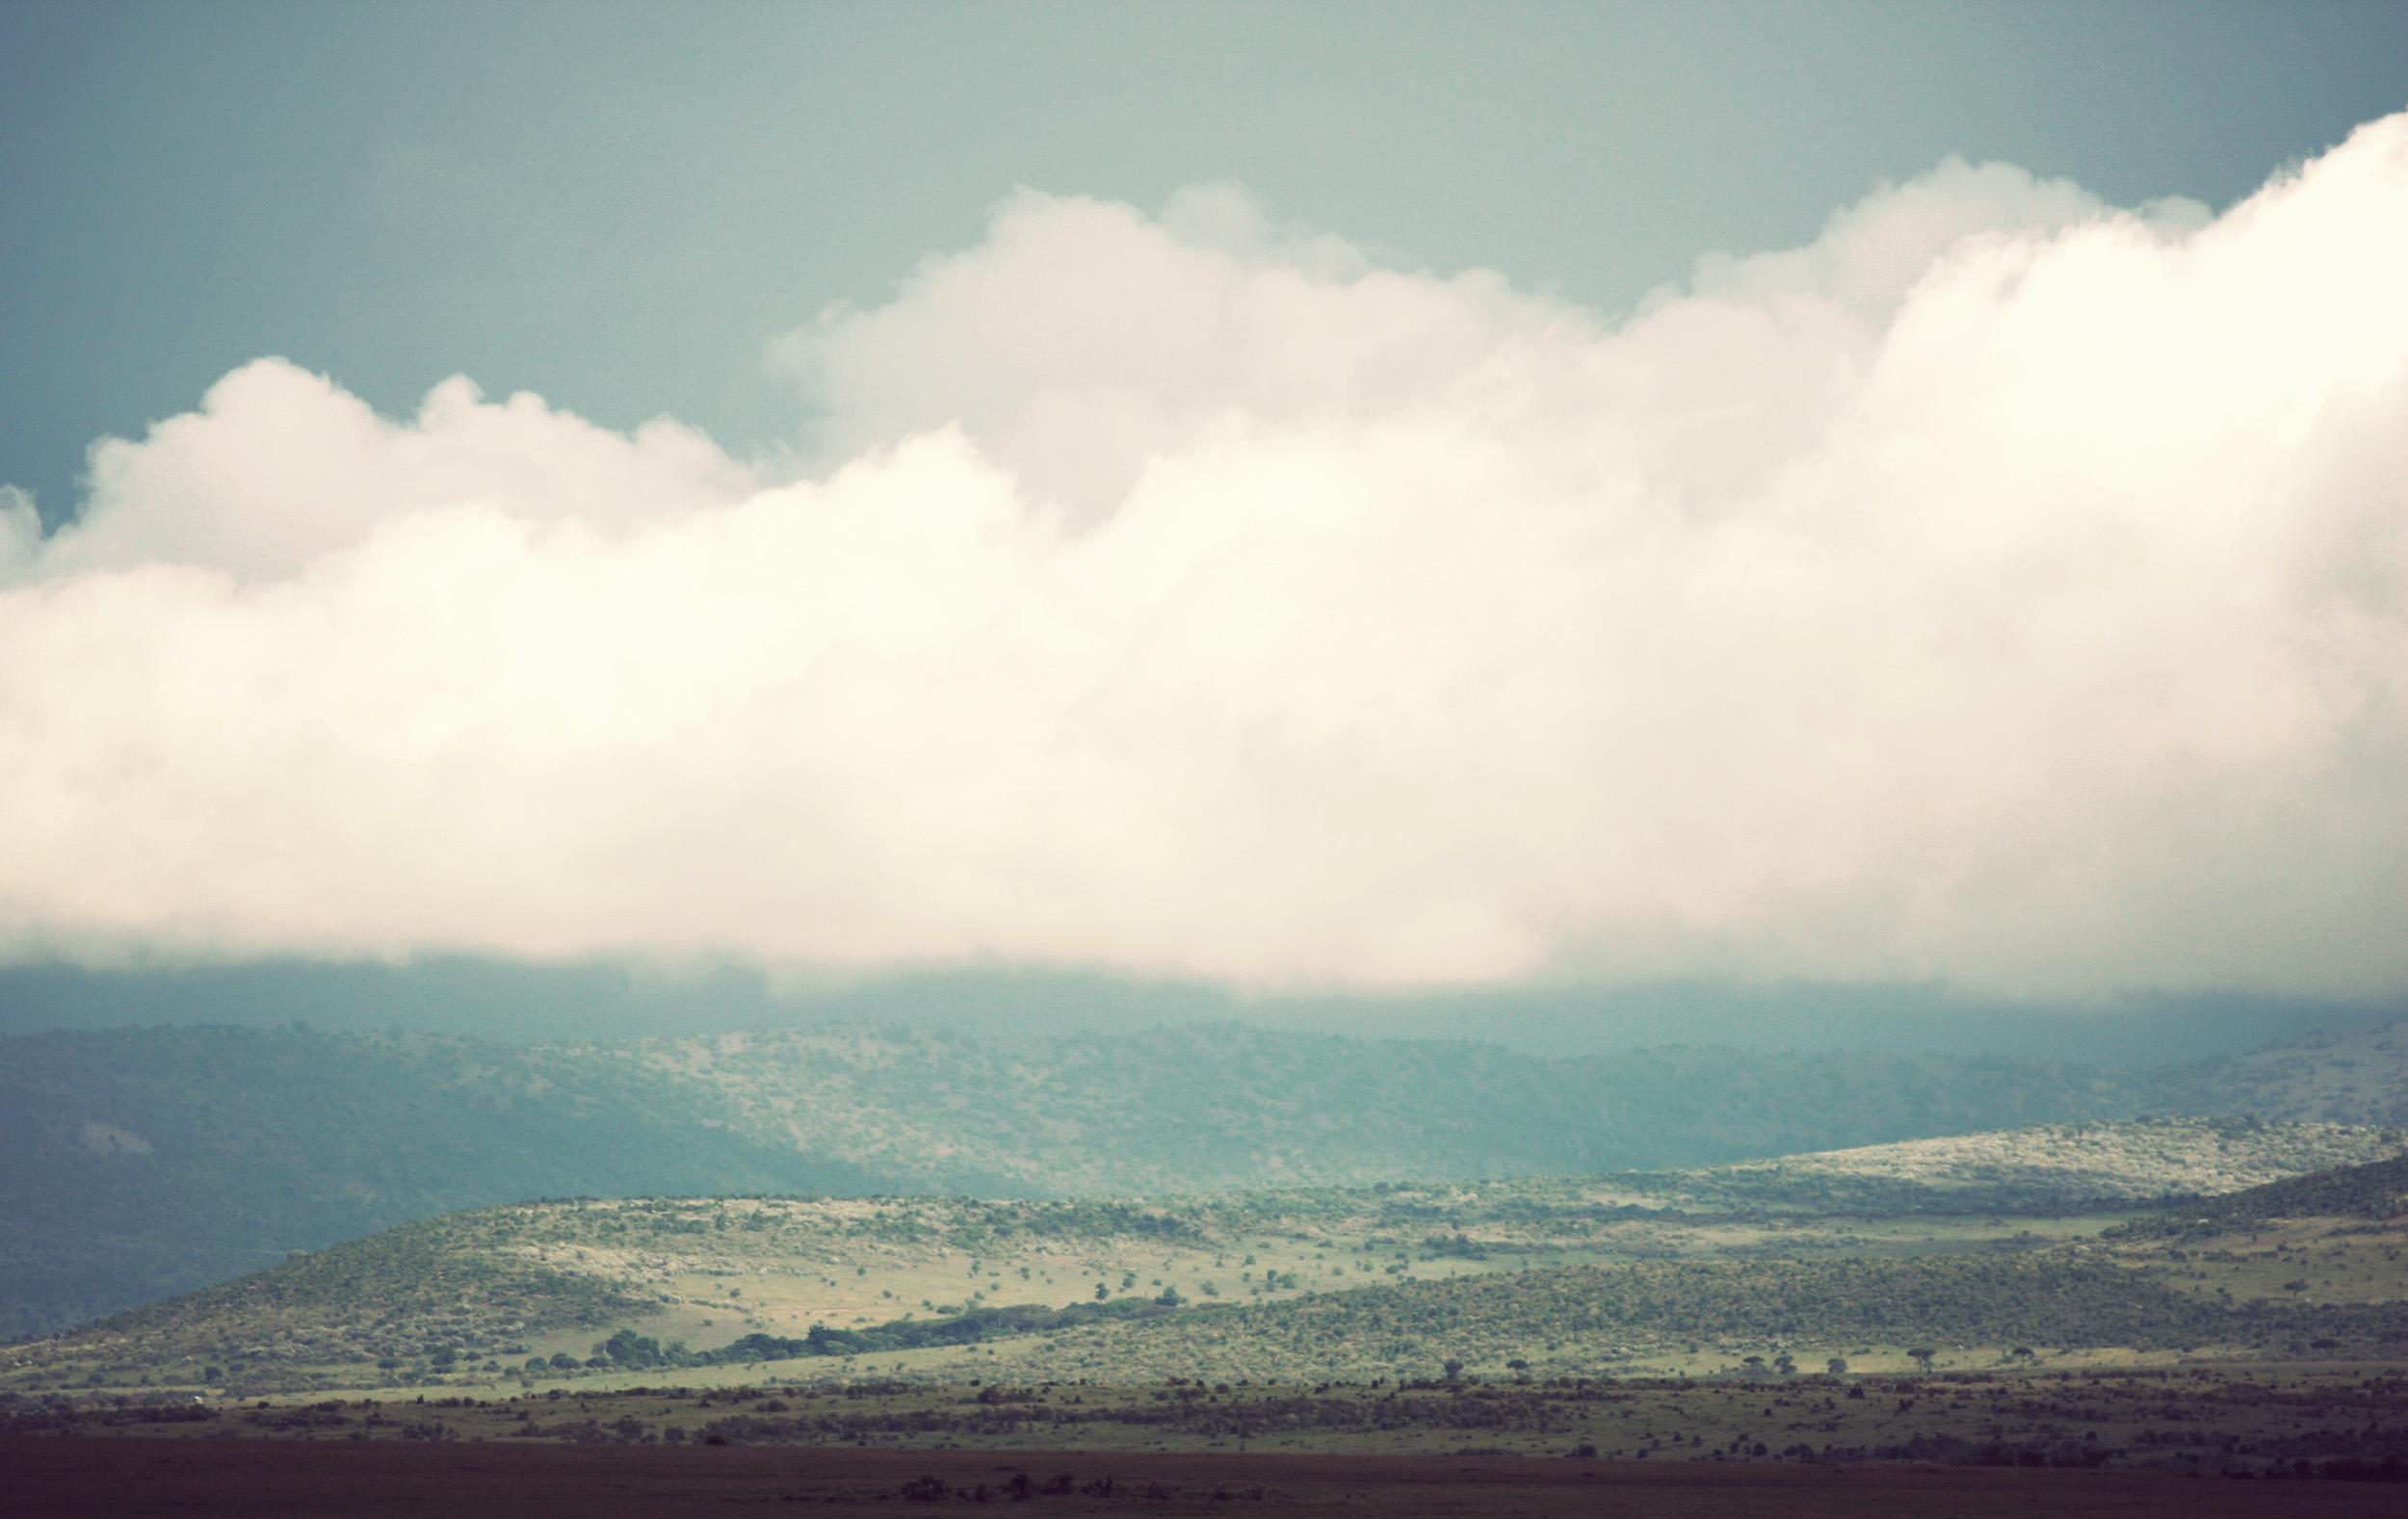 Day09_Maasai-Mara_03.jpg